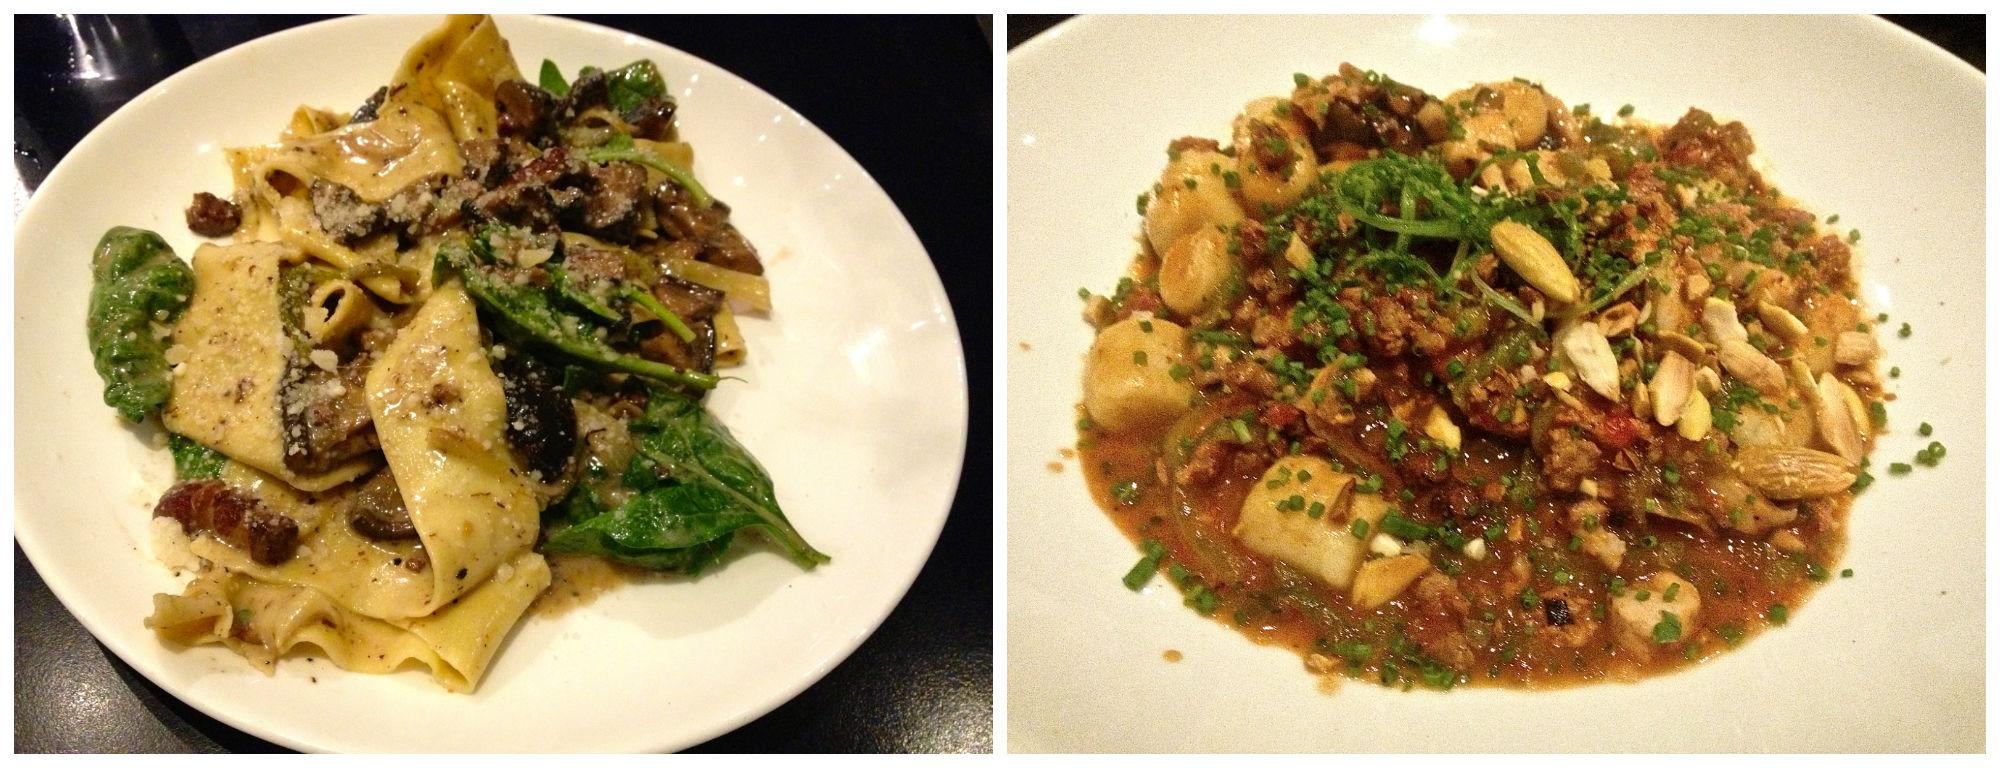 Shitake Sugo Pappardelle and Chickpea, Chorizo Gnocchi